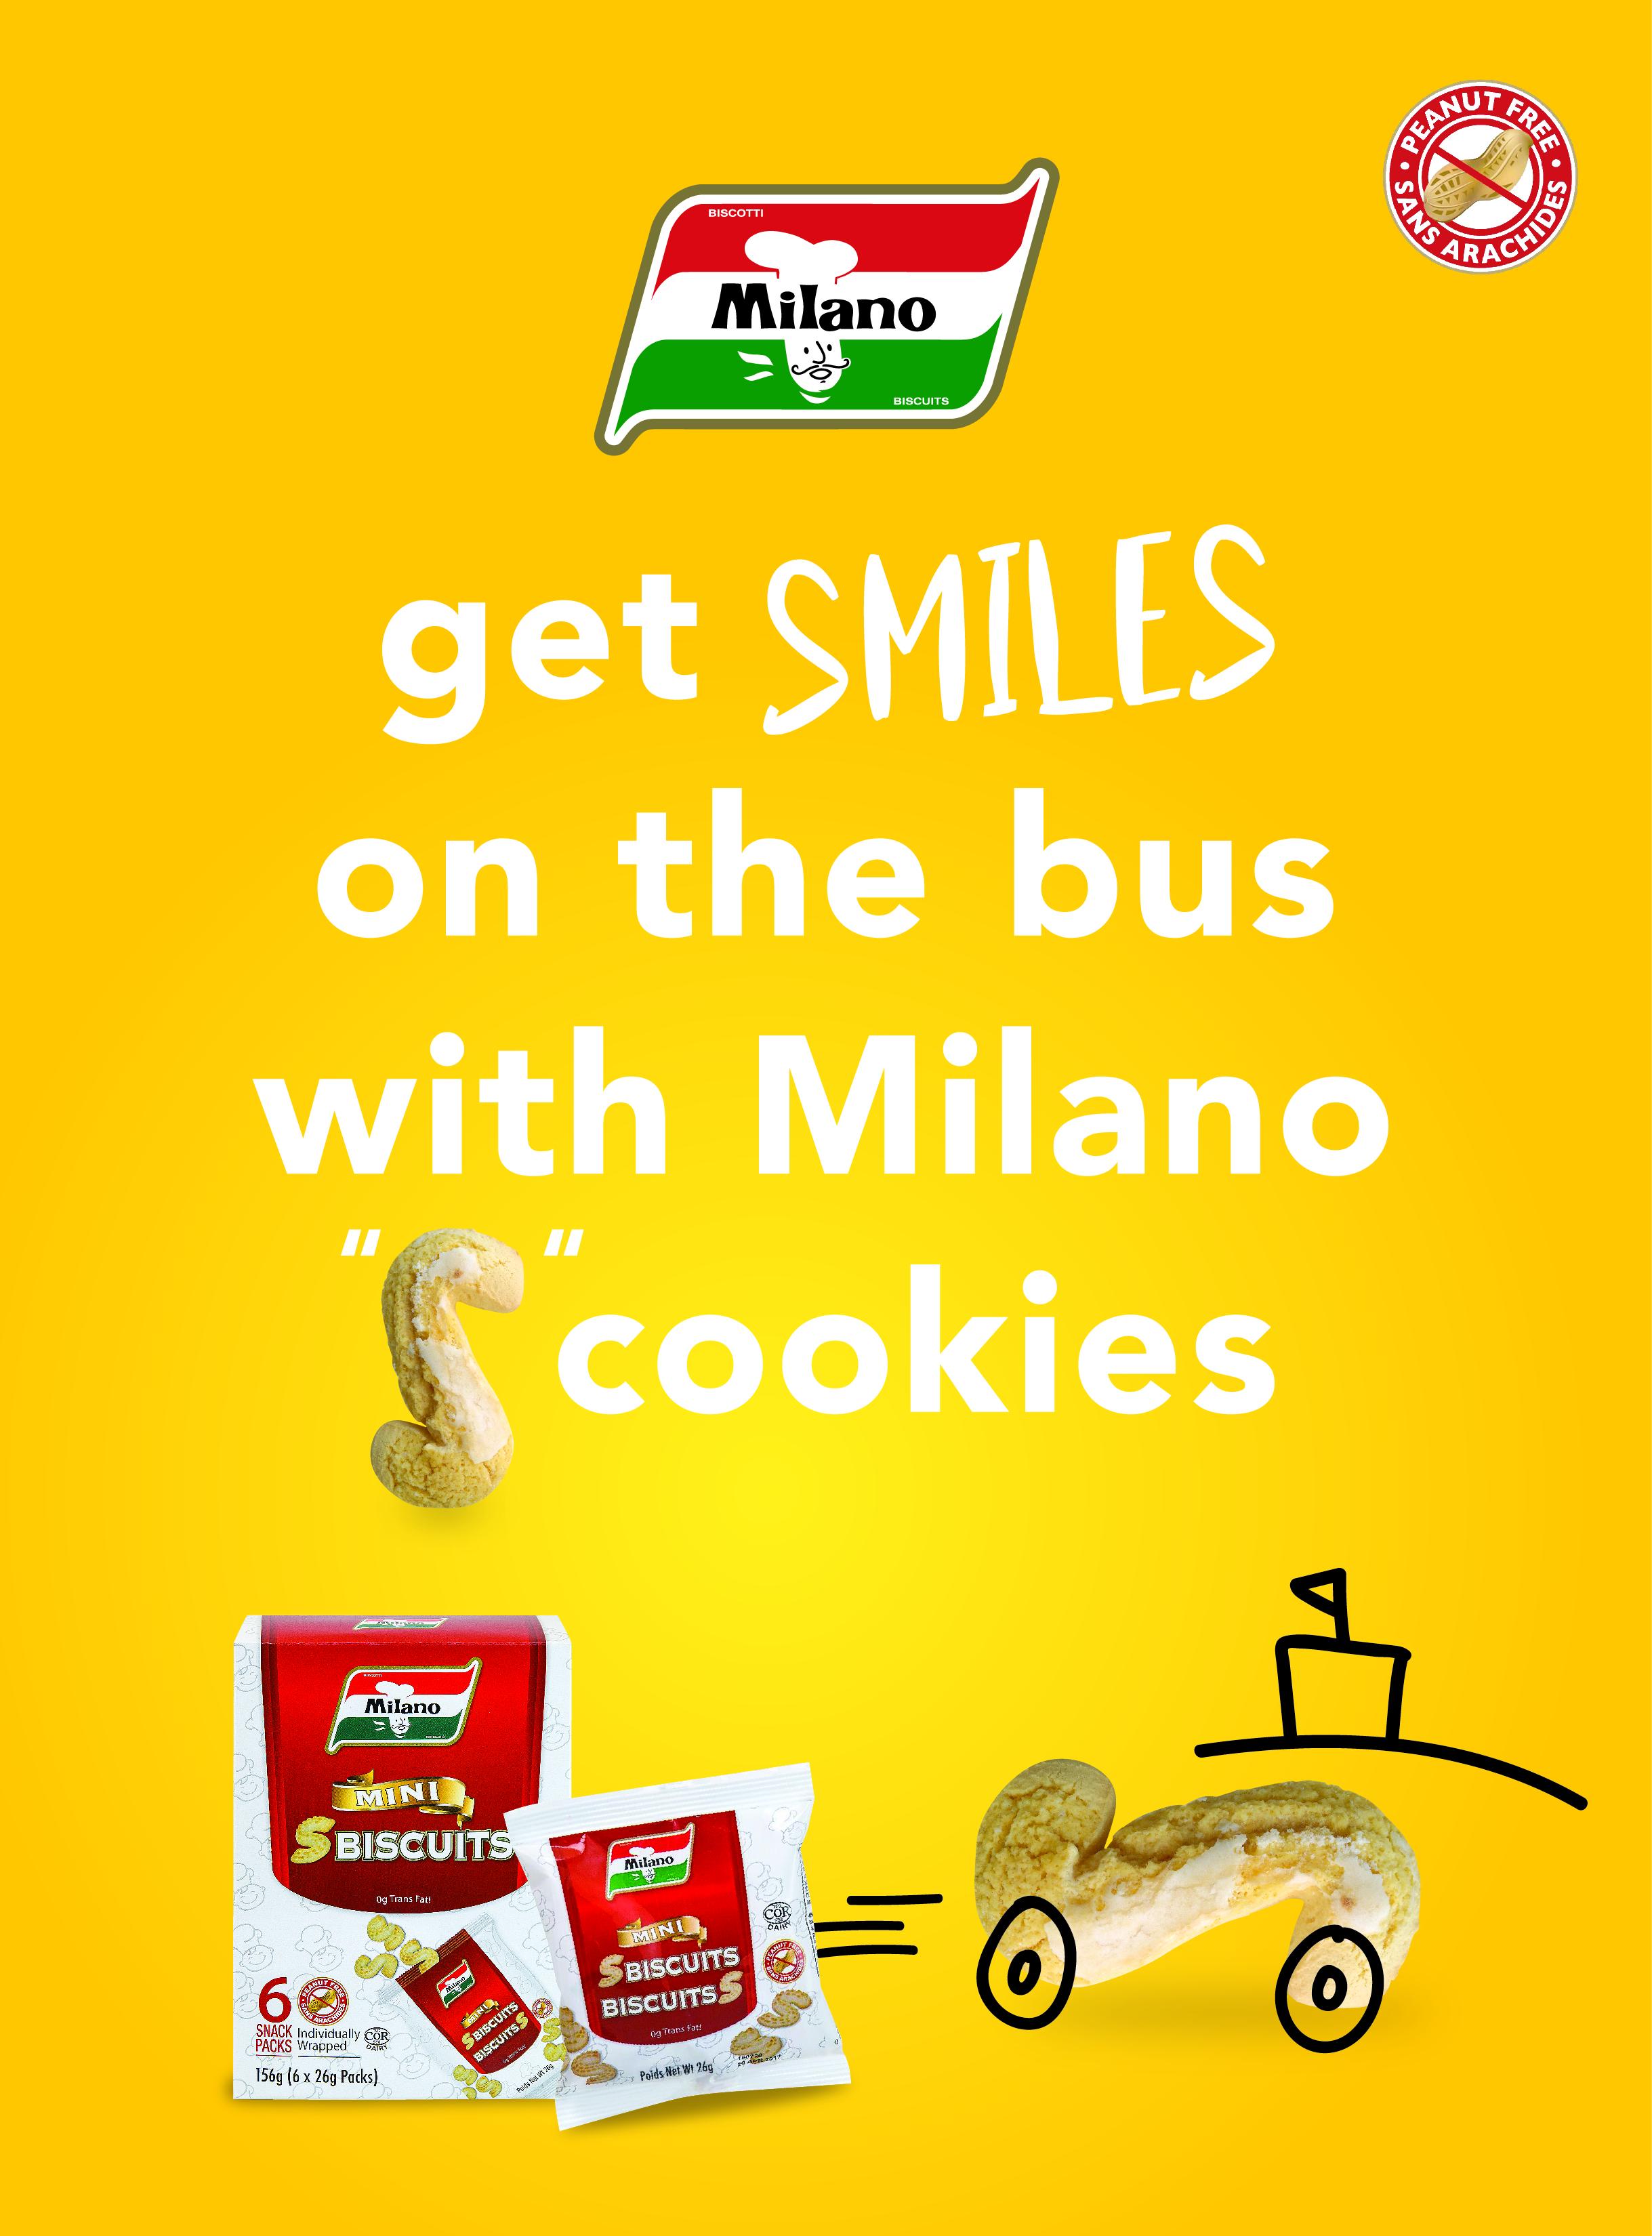 Milano campaign, tagline, and advertising design